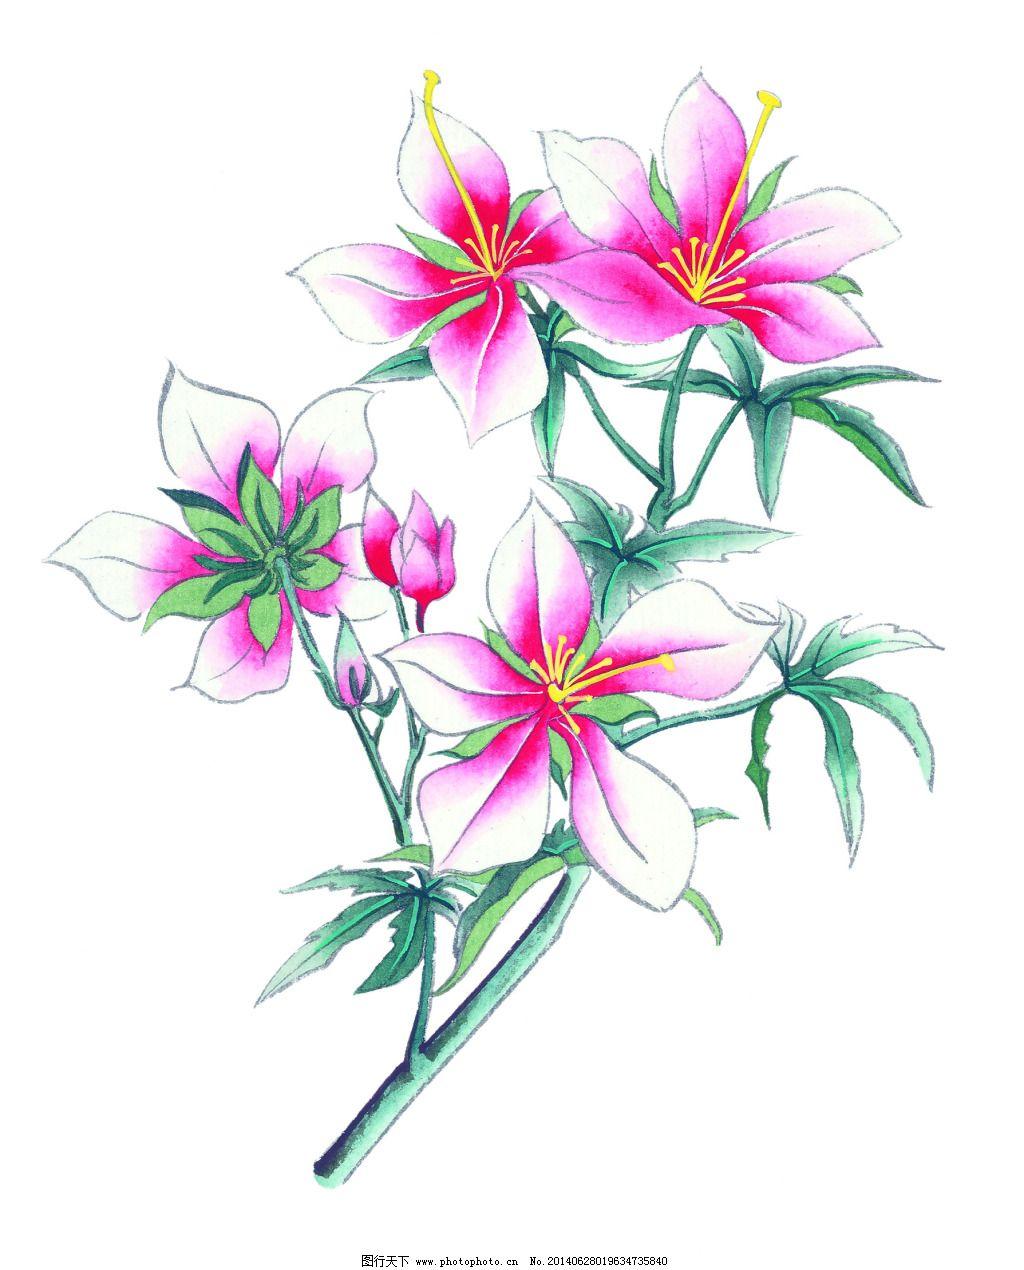 百合免费下载 百合 风景 工笔 花卉 花鸟 美术 设计 文化艺术 装饰画